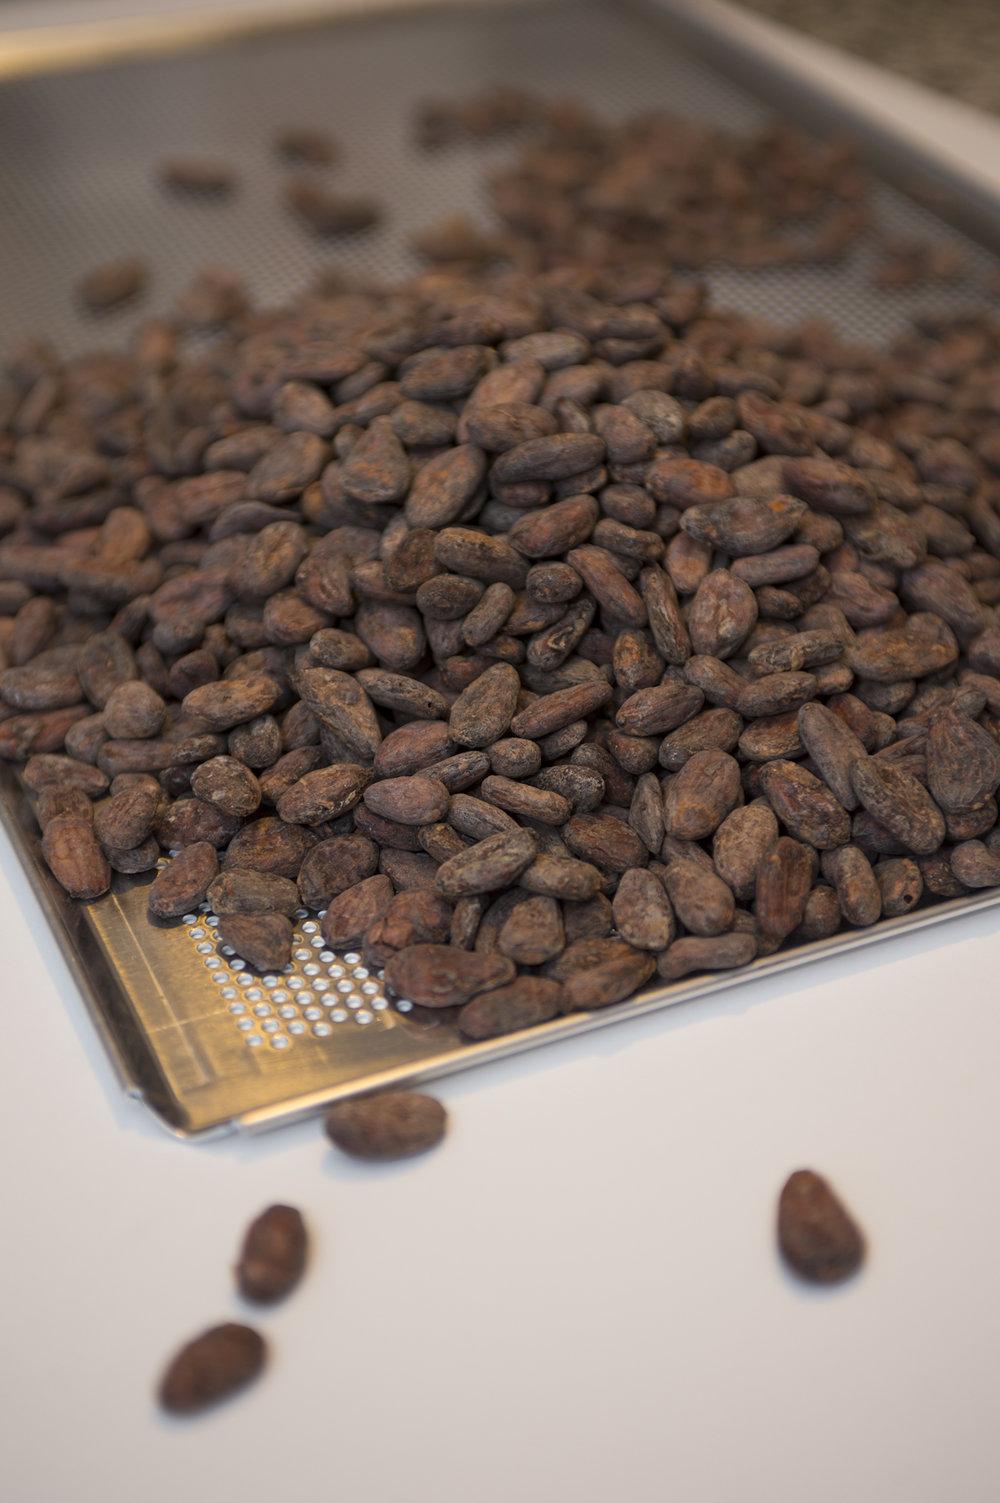 Garcoa - Kakaobohnen.jpg